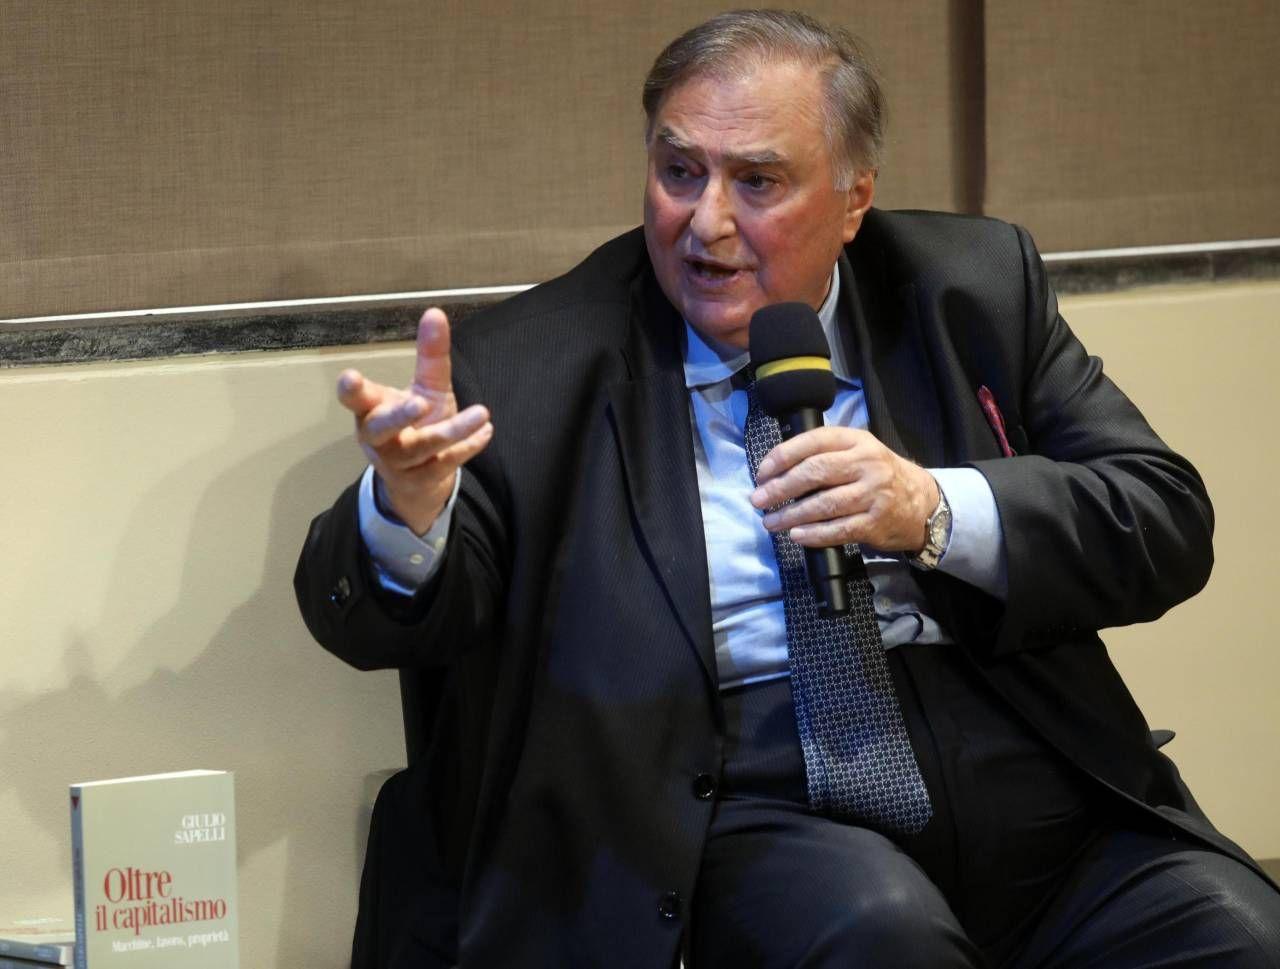 Giulio Sapelli, 73 anni, ha insegnato storia economica ed economia politica a Milano. . Molti suoi lavori sono tradotti in inglese, francese, spagnolo, tedesco, giapponese